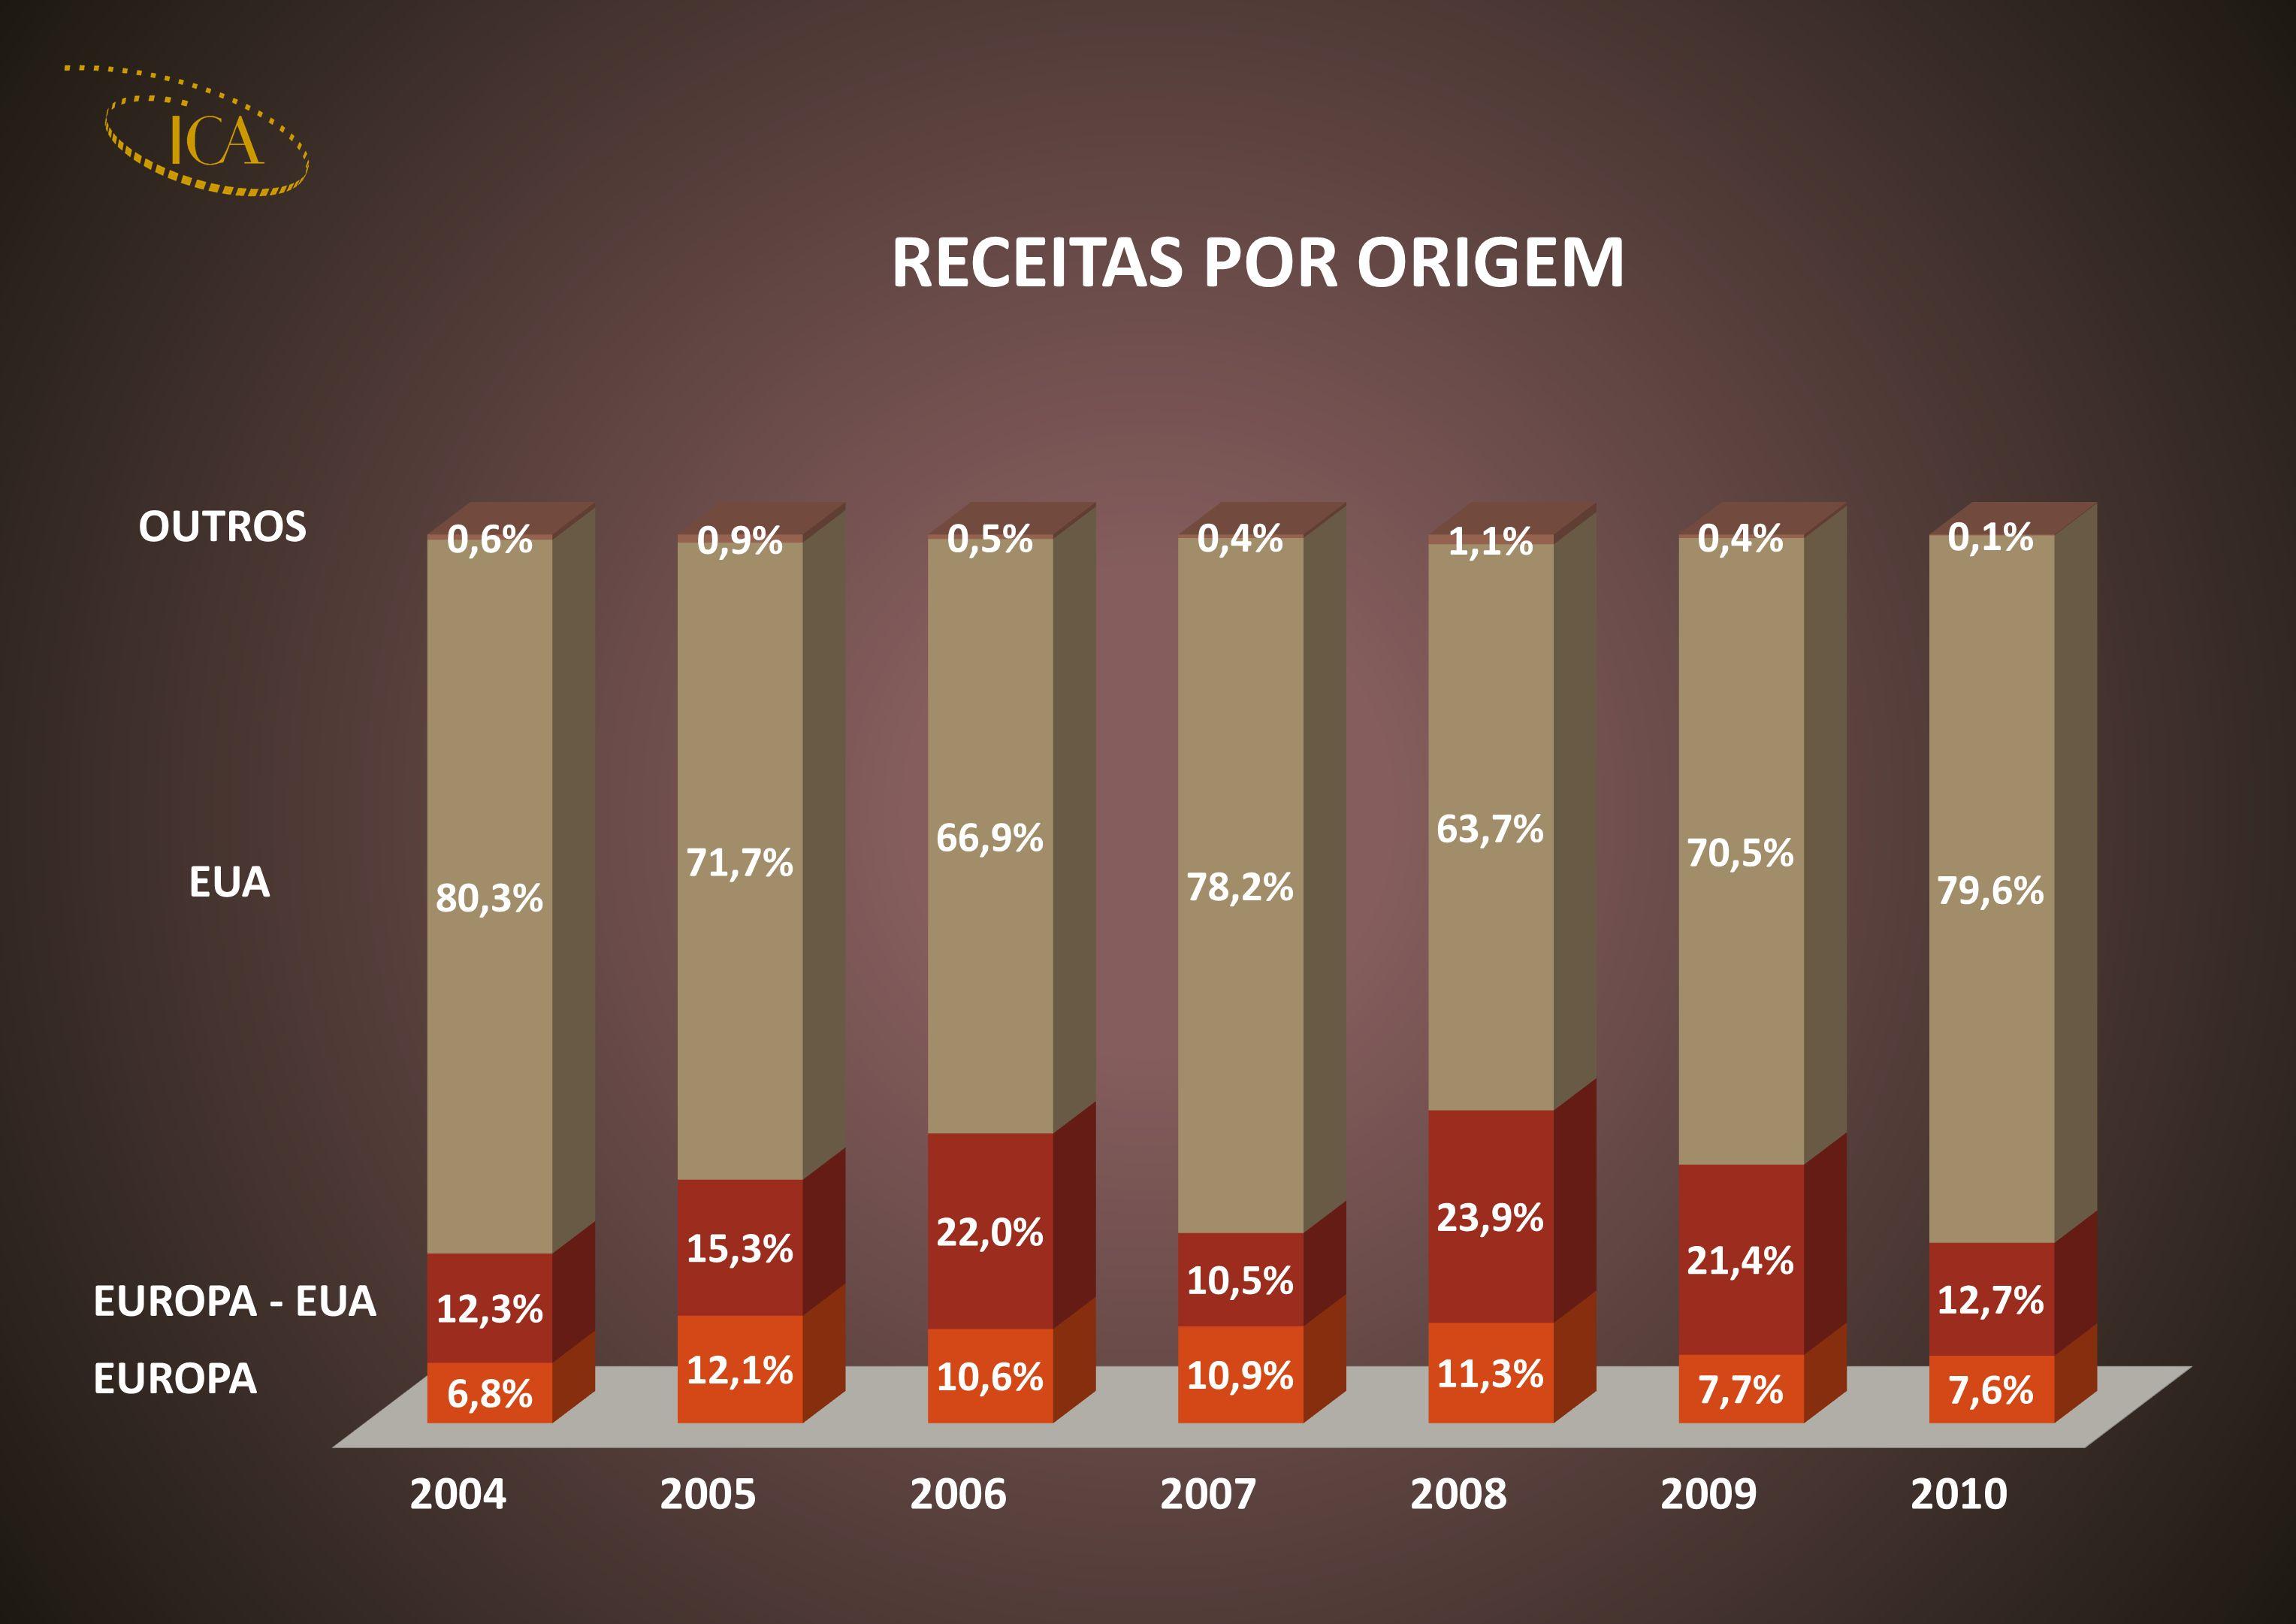 2004200520062007200820092010 RECEITA BRUTA *0,92,11,9 1,71,91,3 QUOTA DE MERCADO1,3%3,2%2,7%2,8%2,5% 1,6% ESPETADORES222.870503.924463.448447.313406.387426.205306.990 QUOTA DE MERCADO1,3%3,2%2,8%2,7%2,5%2,7%1,9% * UNIDADE: MILHÕES QUOTA DE MERCADO DE FILMES NACIONAIS